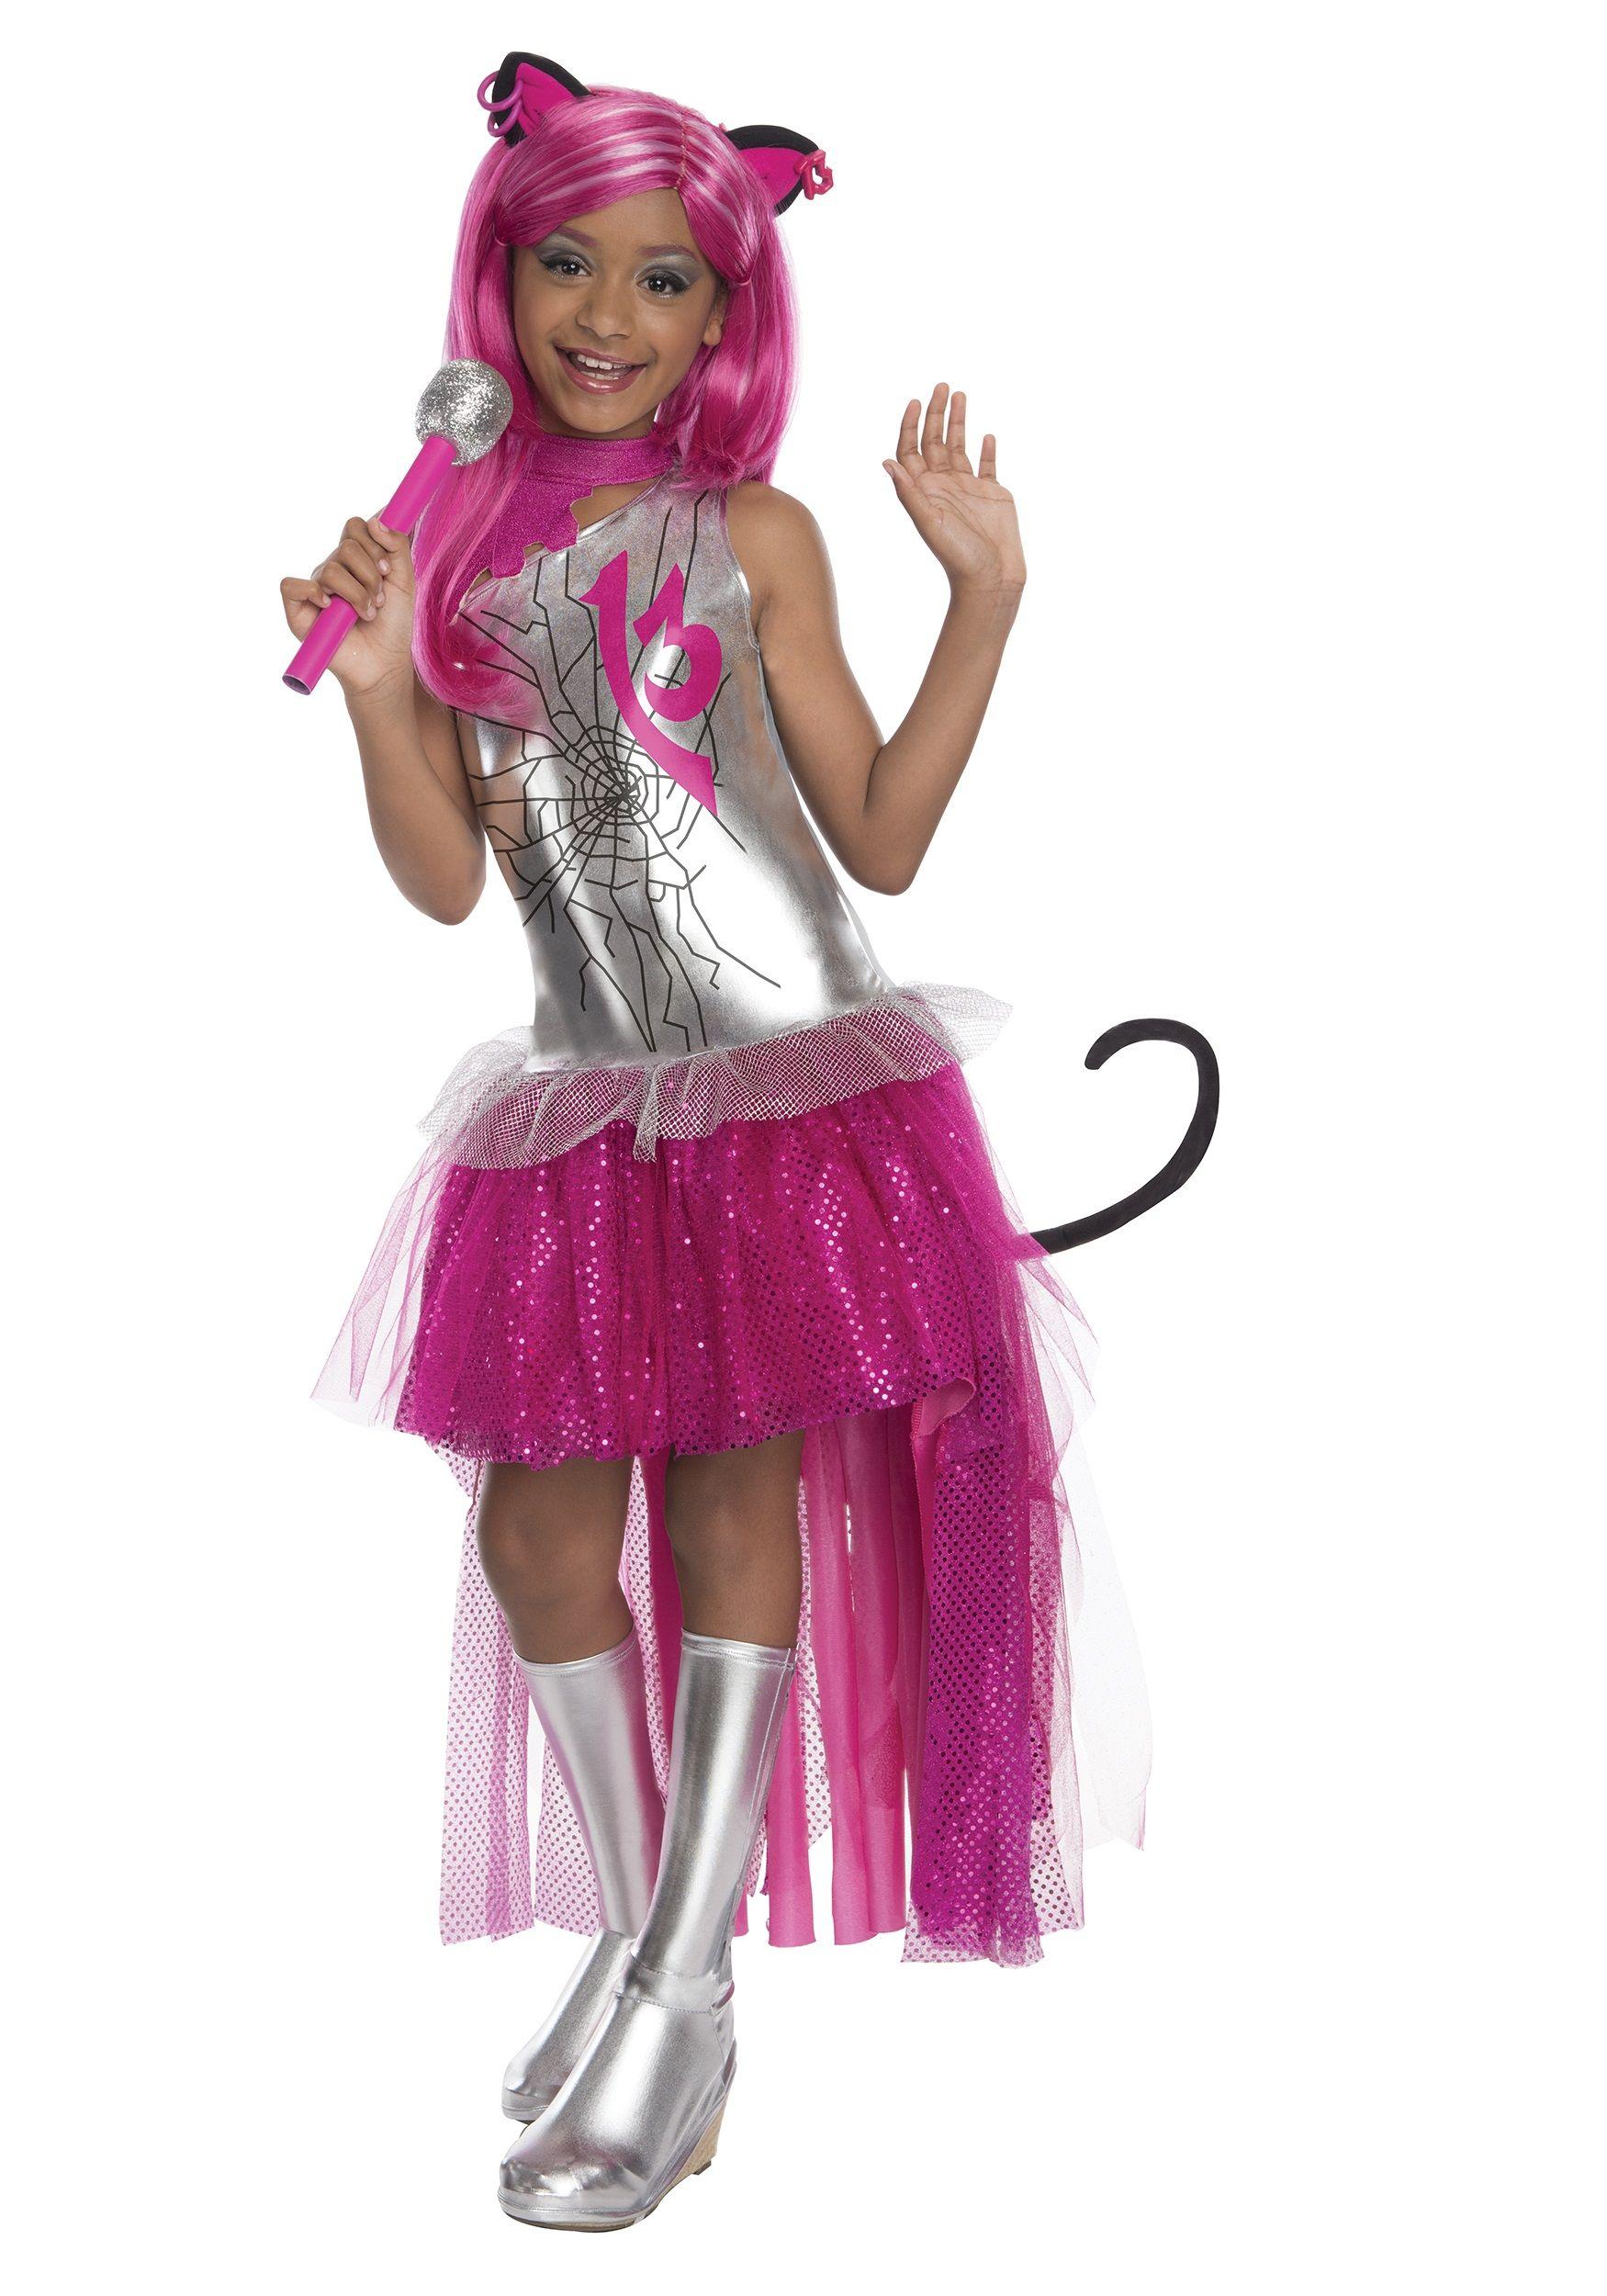 Monster High Catty Noir Costume Monster High Costume Monster High Halloween Costumes Monster High Halloween